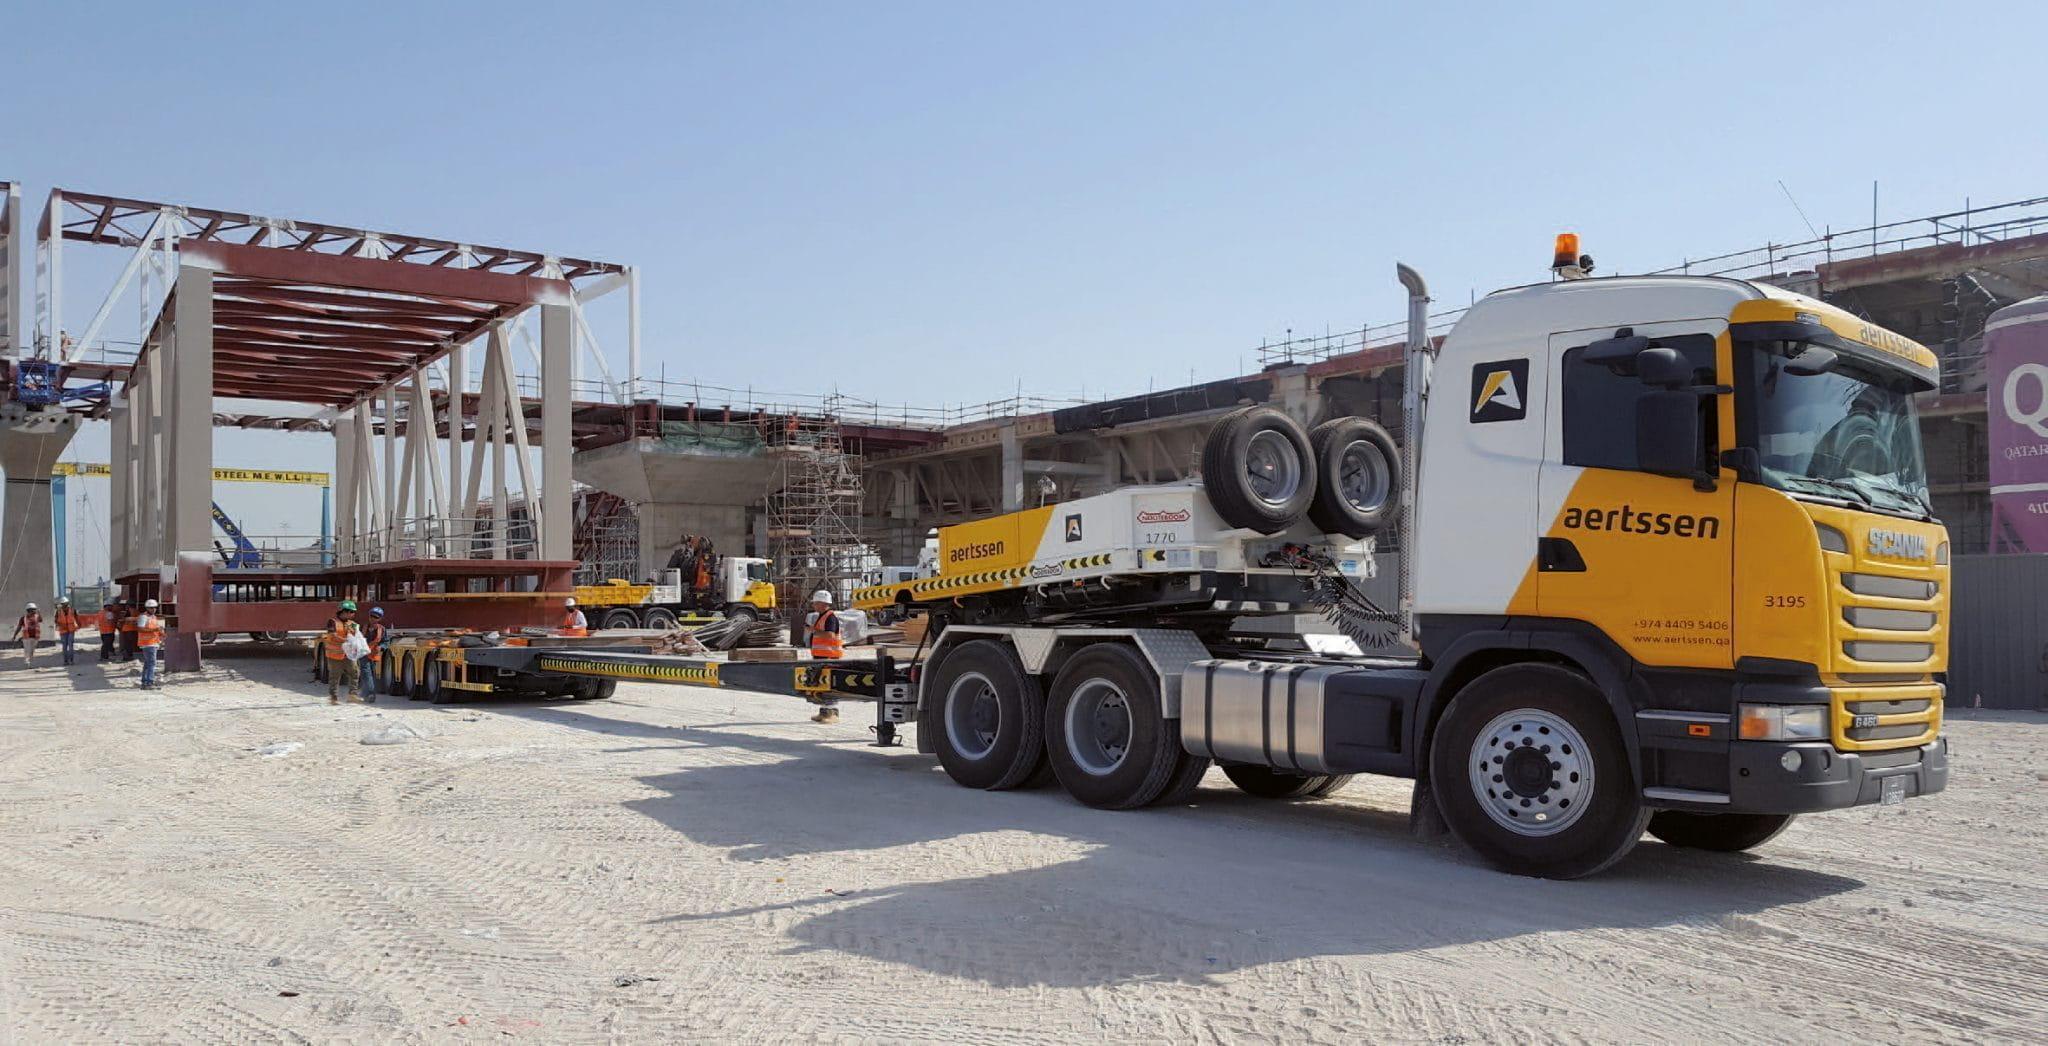 Aertssen - El Proyecto de Autopista Orbital en Qatar - Nooteboom ...